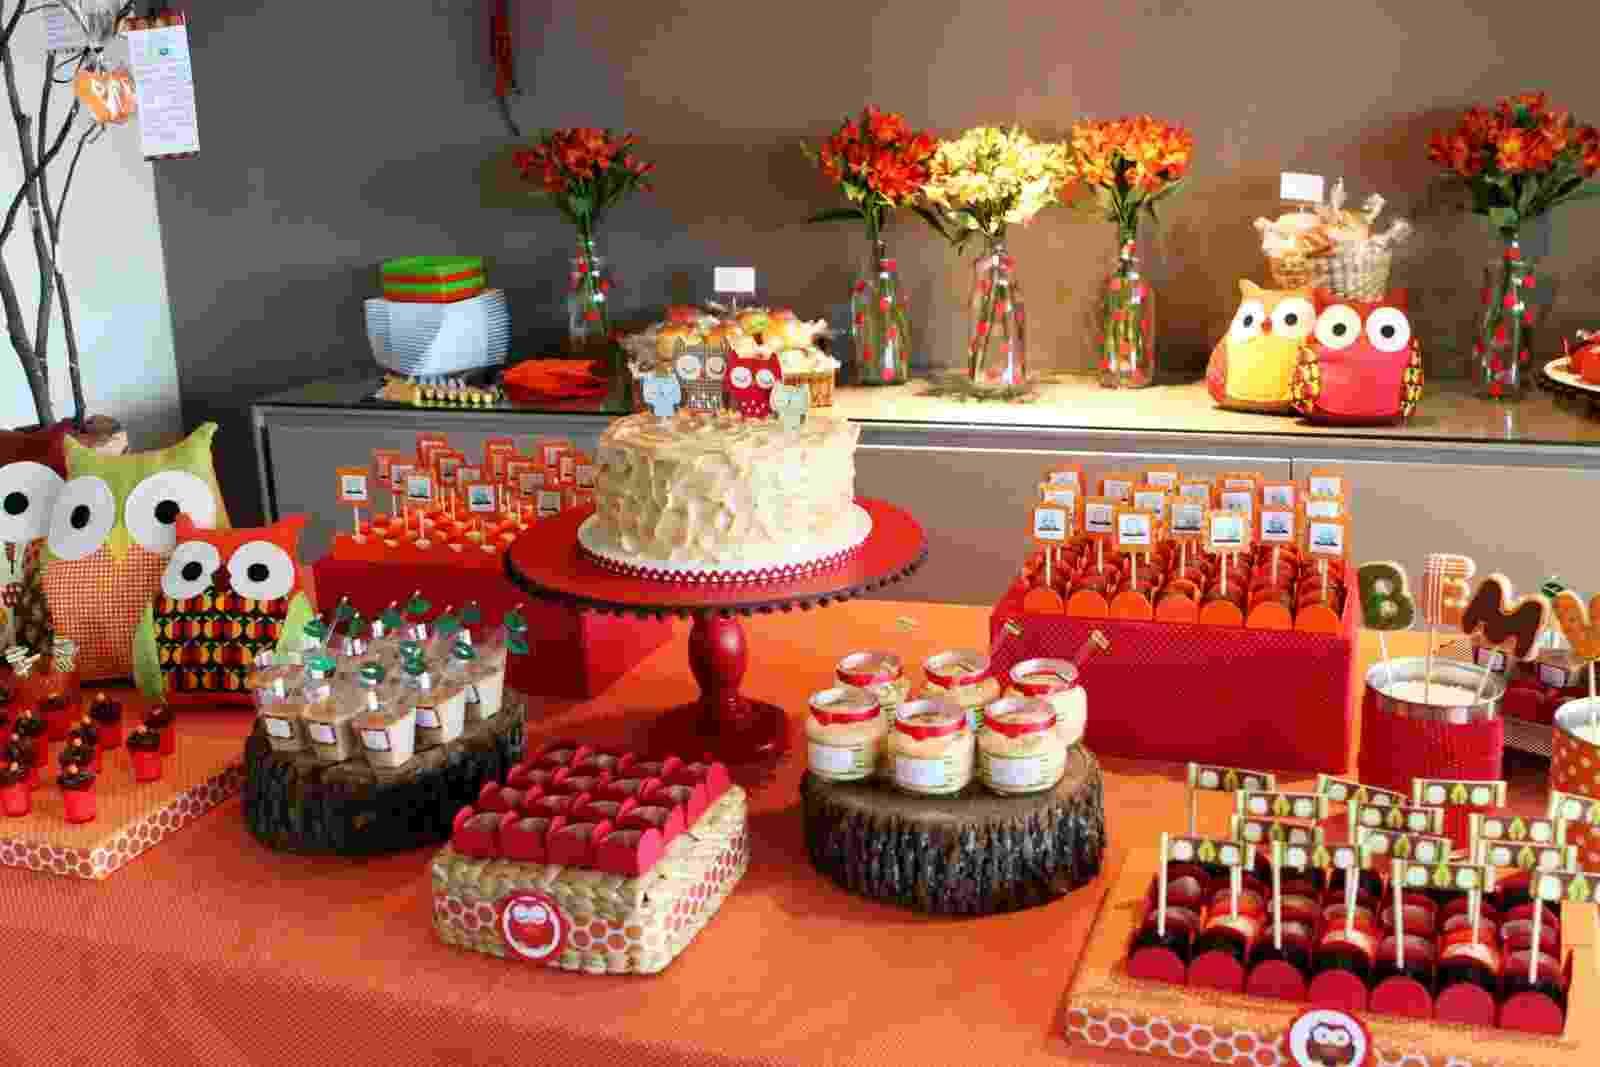 álbum com decorações de chá de bebê de gêmeos | A Caraminhlando Atelier de Festas (www.caraminholando.com.br) usou a cor vermelha e o tema de coruja para o chá de bebê de dois meninos - Divulgação